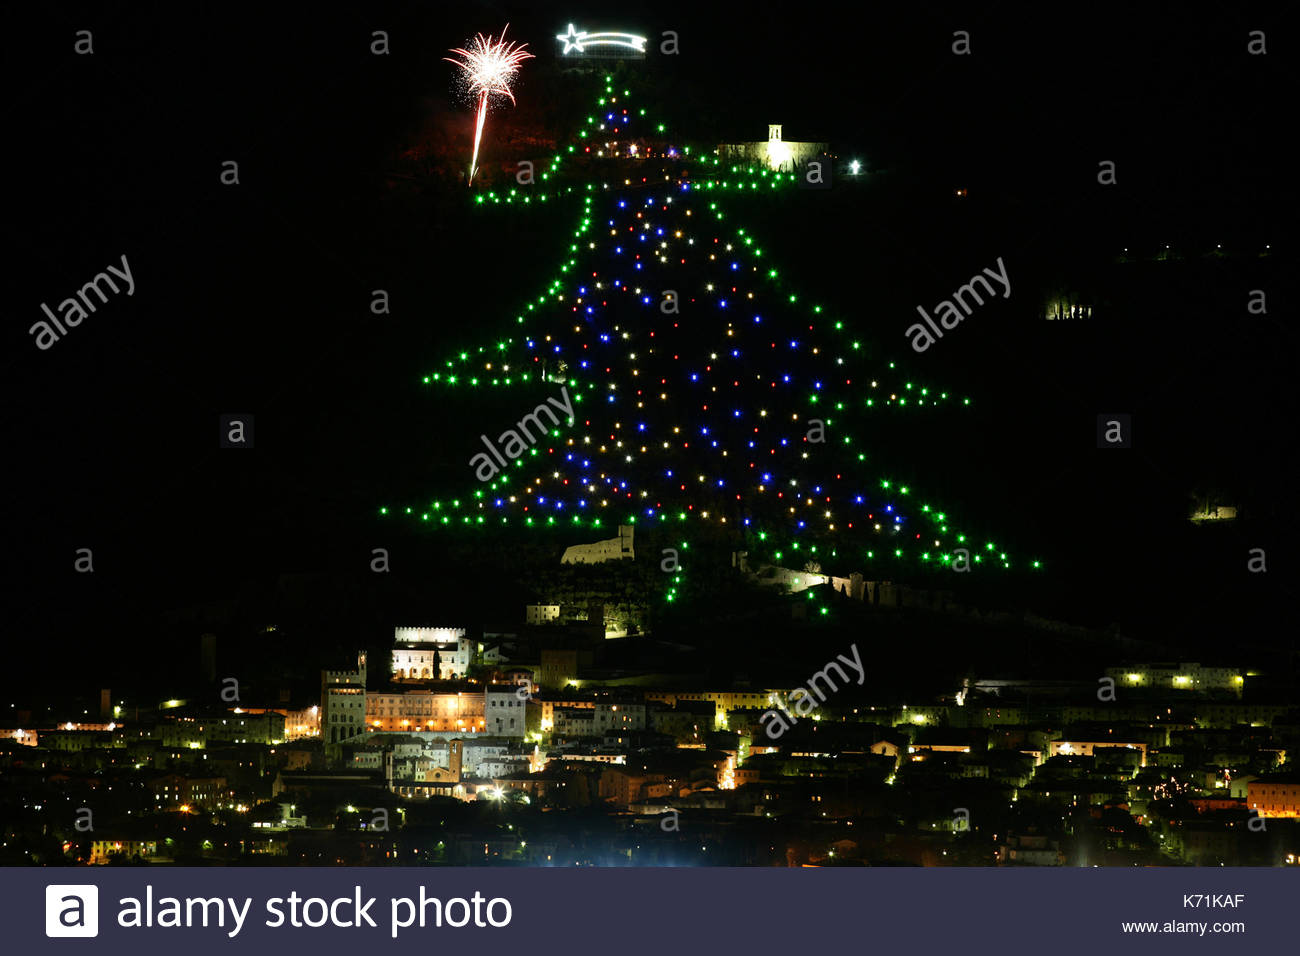 Gubbio Christmas Stock Photos & Gubbio Christmas Stock